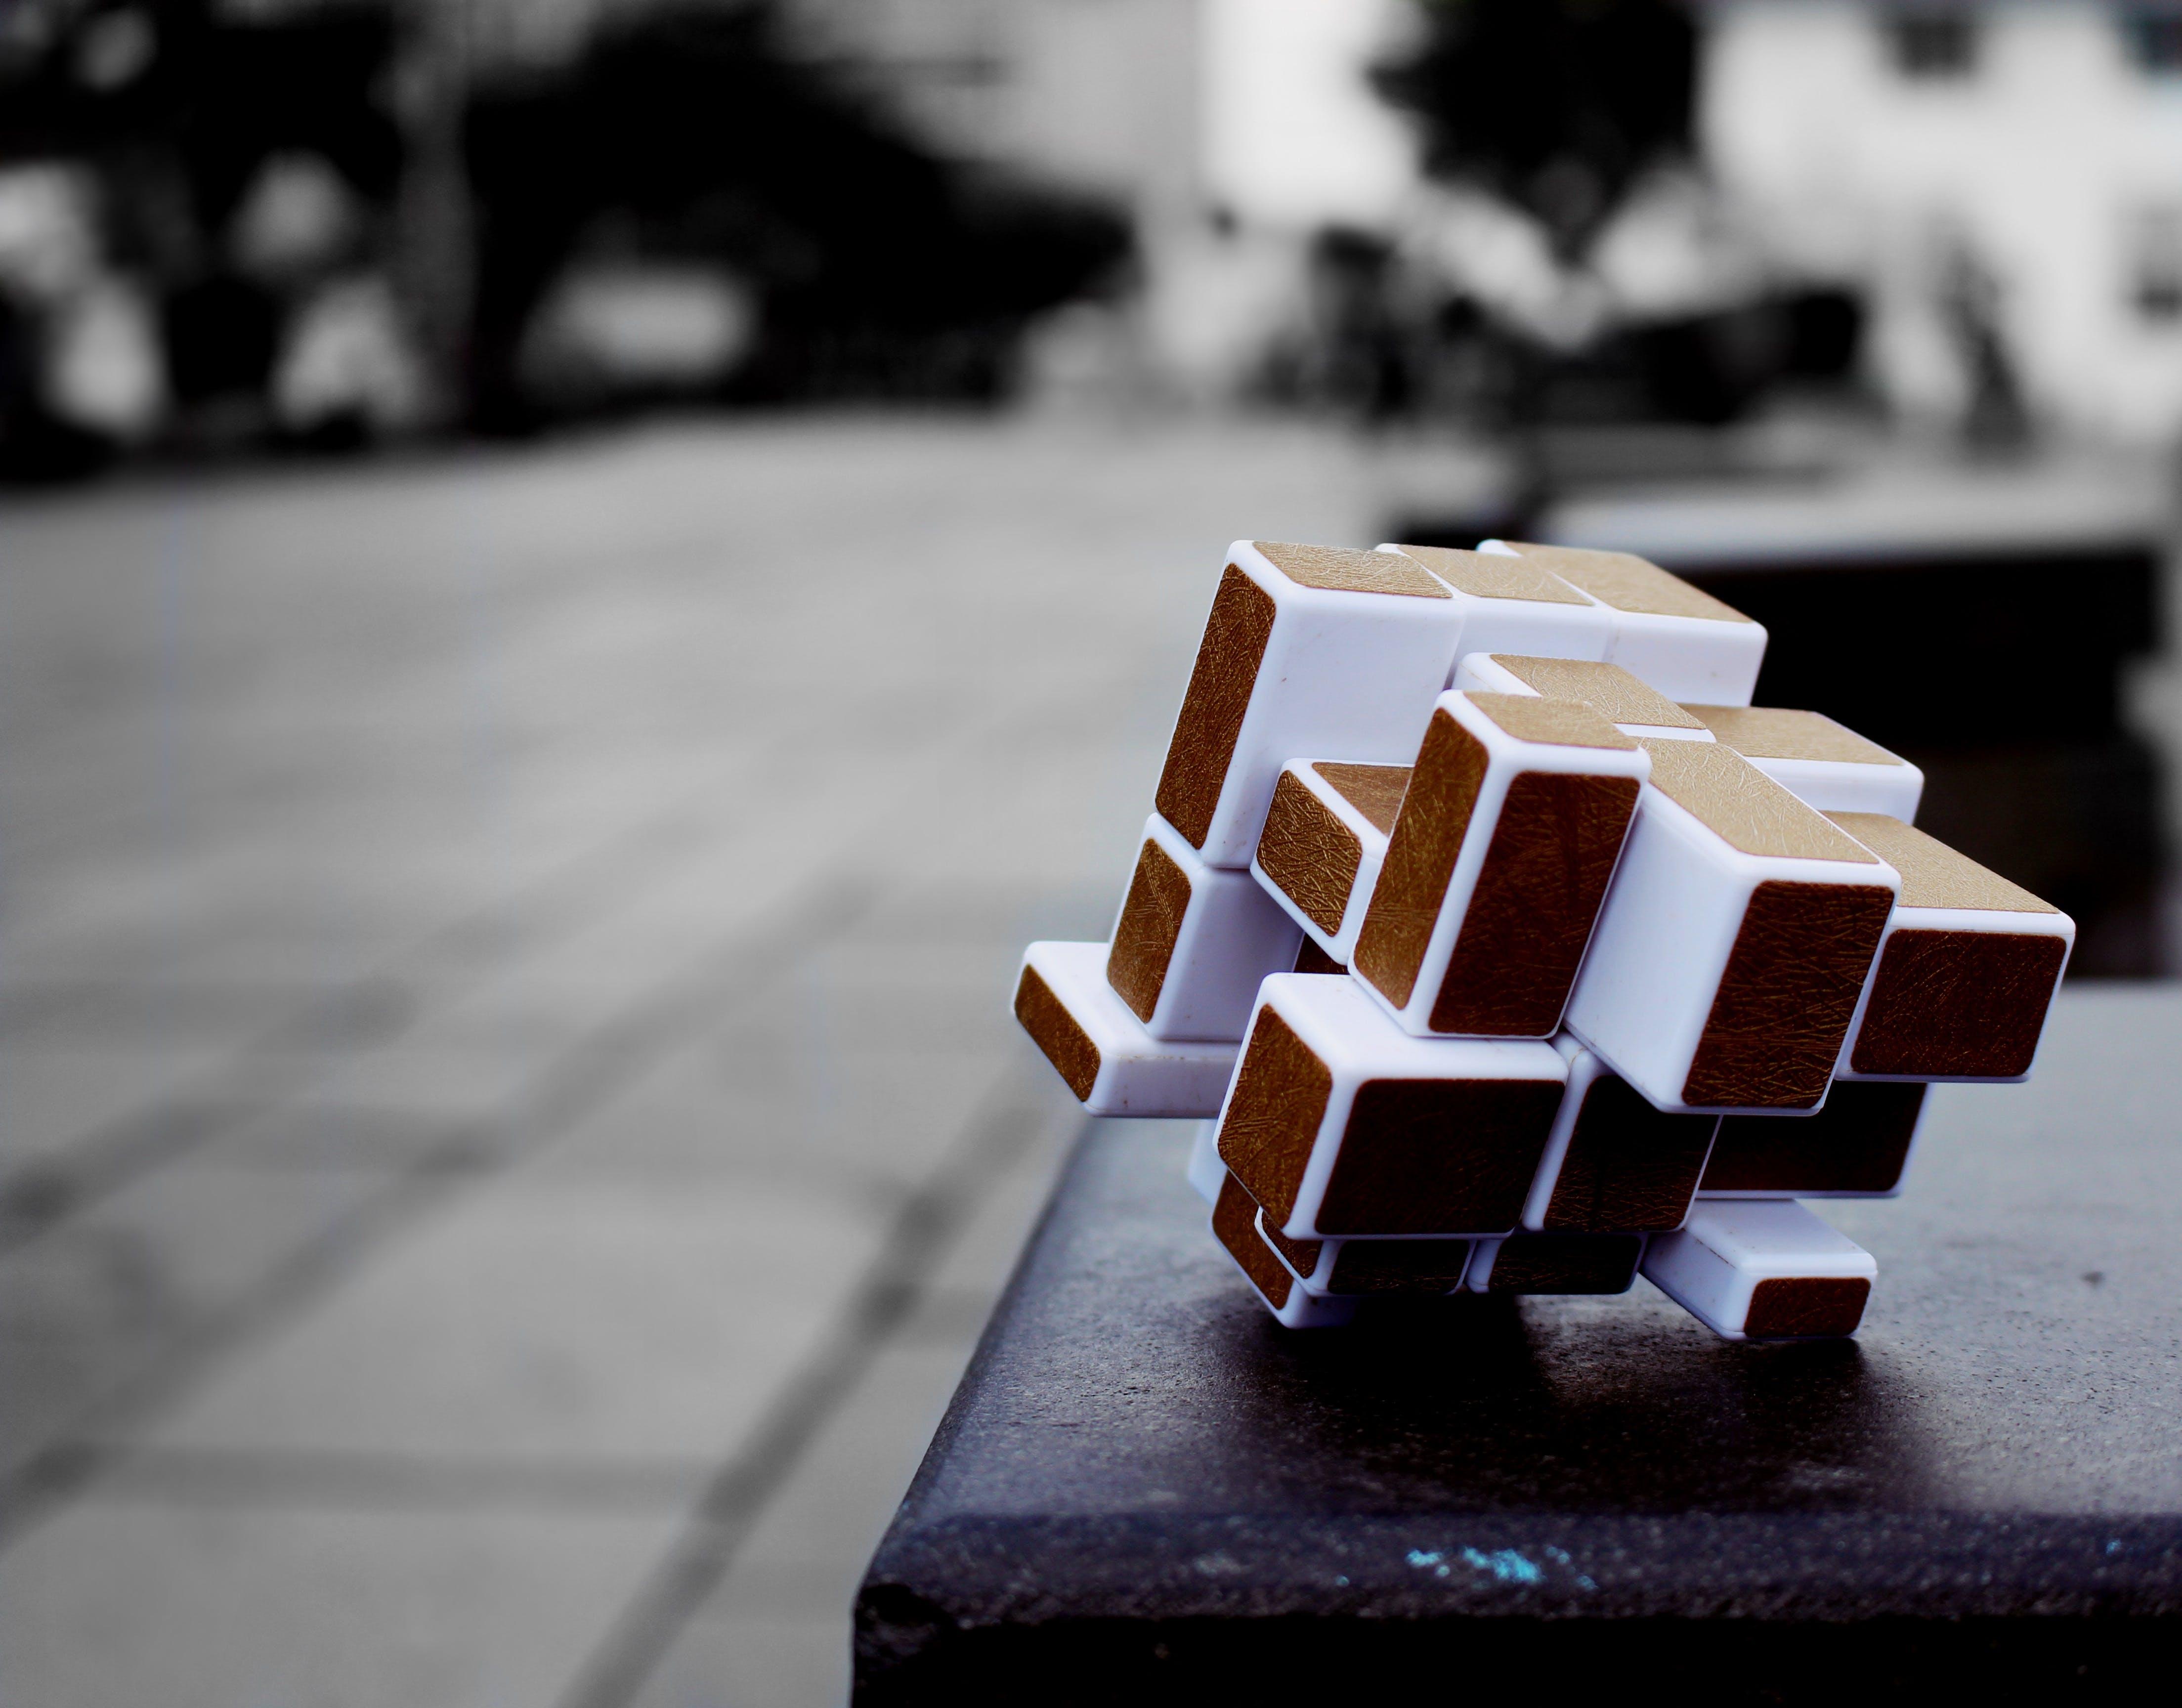 Immagine gratuita di bianco e nero, colore selettivo, cubo, cubo di rubik